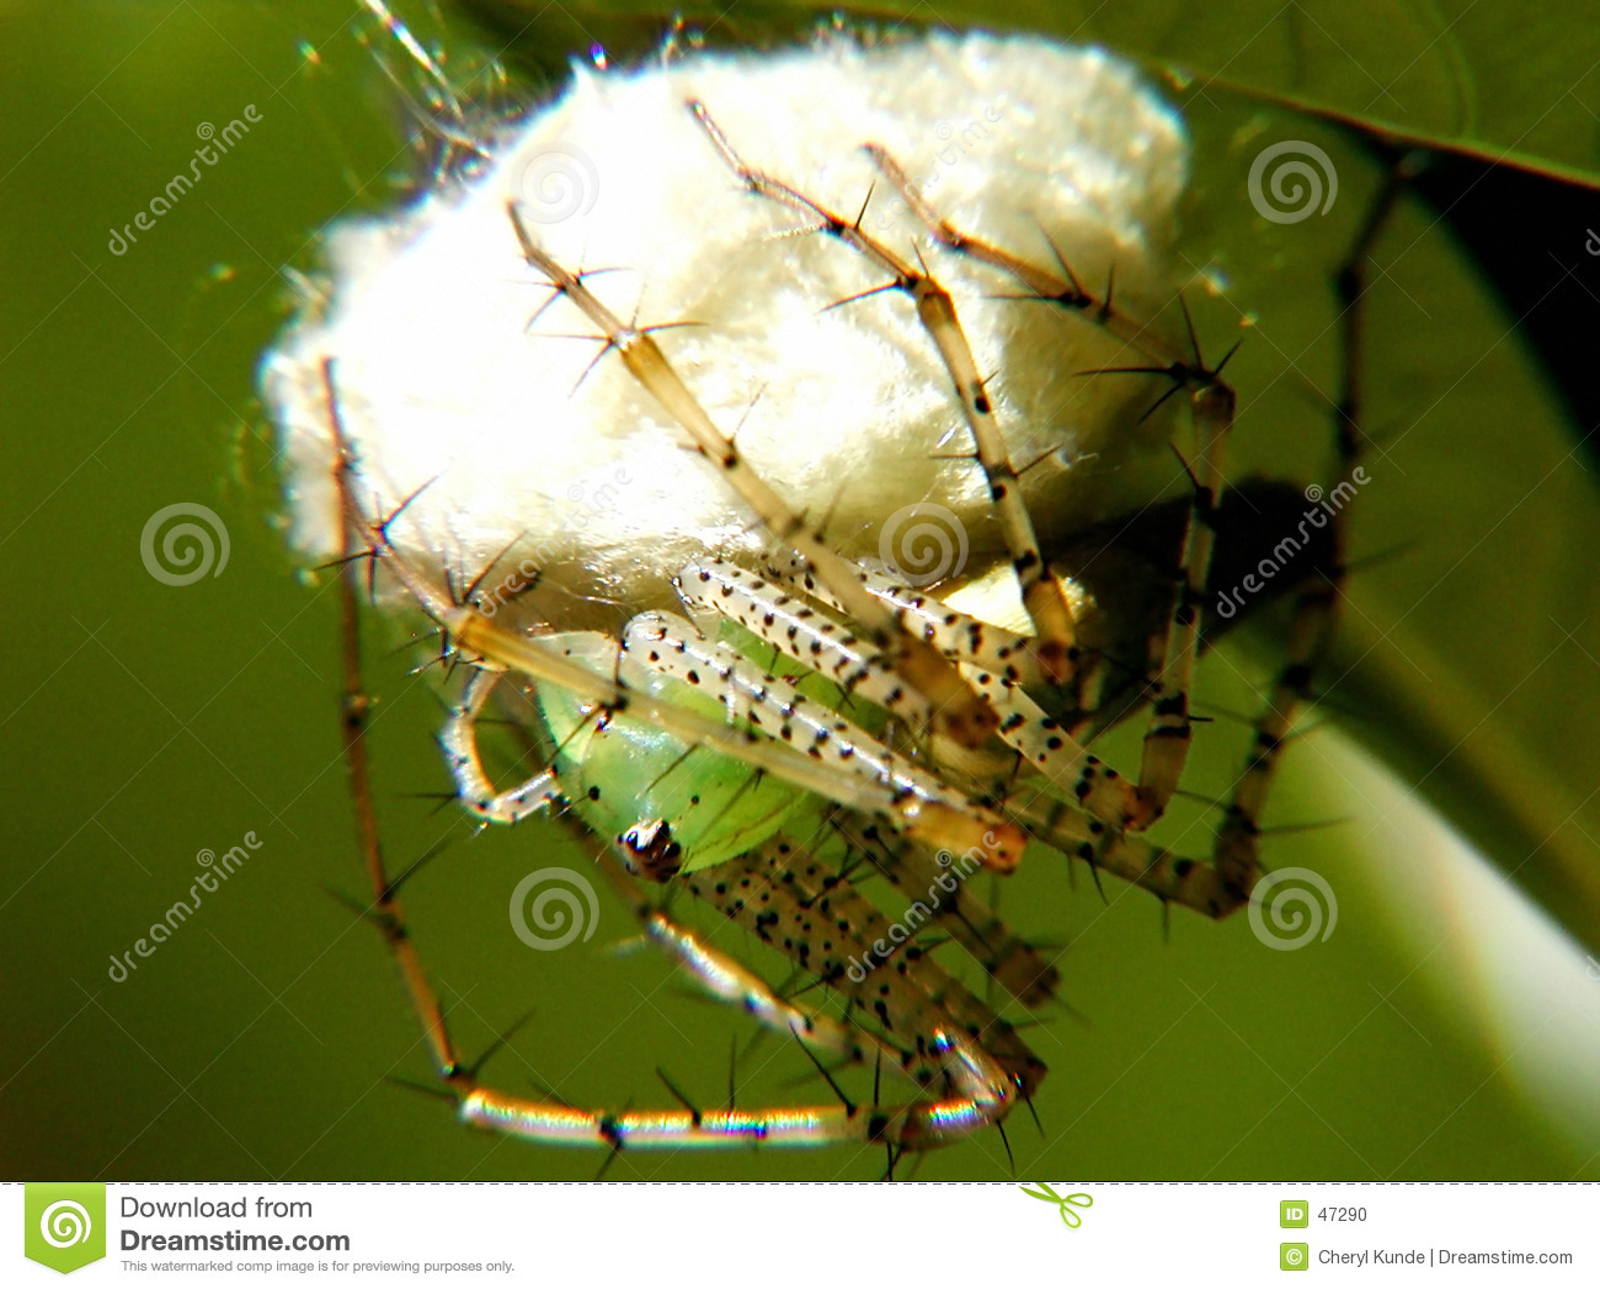 Spider linx